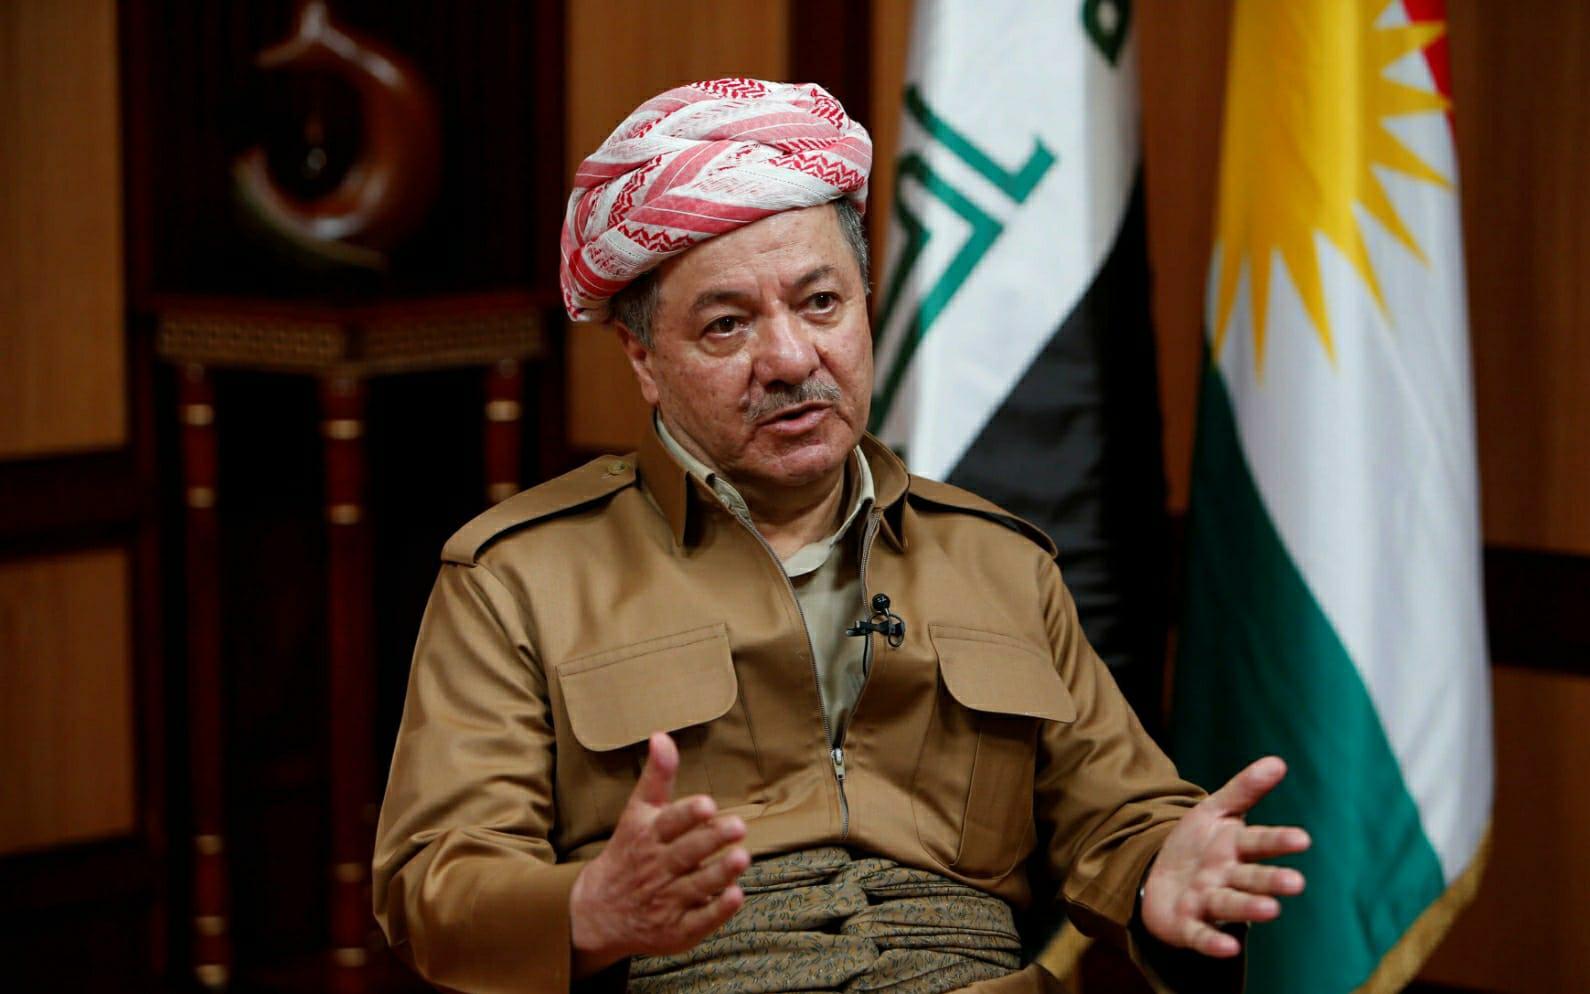 Başkan Barzani'den Bağdat'a başsağlığı mesajı!